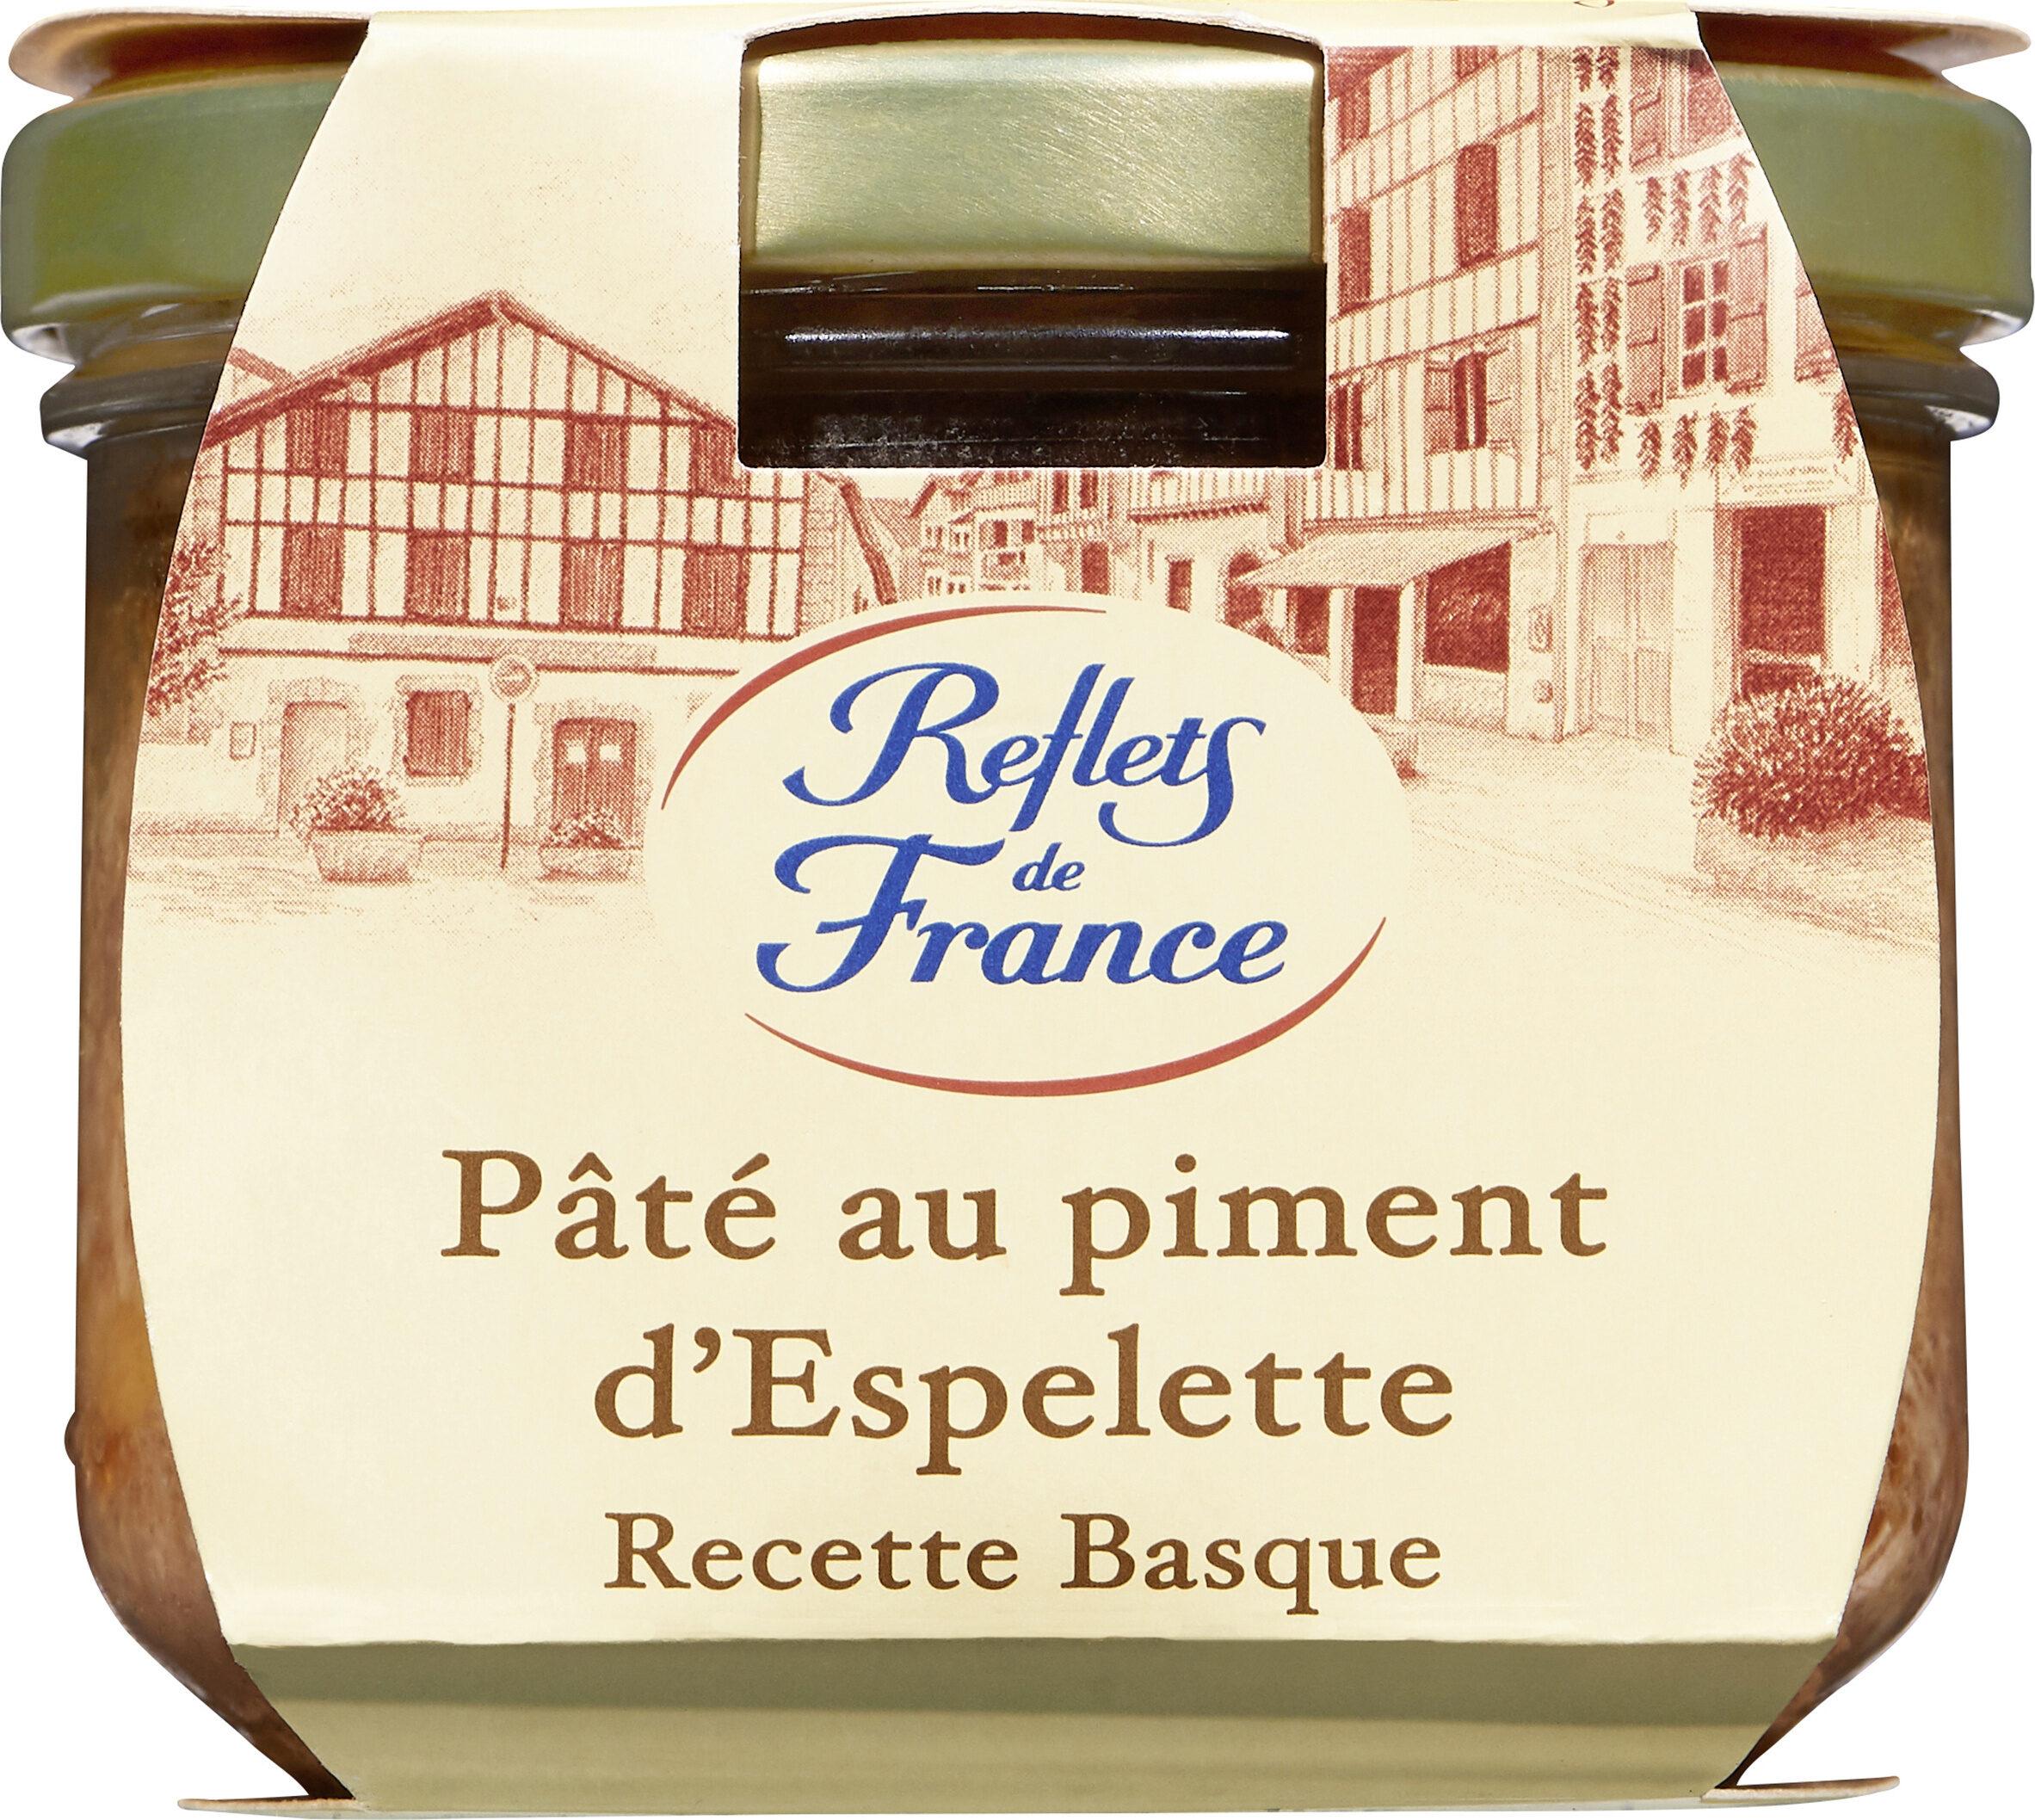 PÂTE AU PIMENT D'ESP. Recette Basque, - Produit - fr